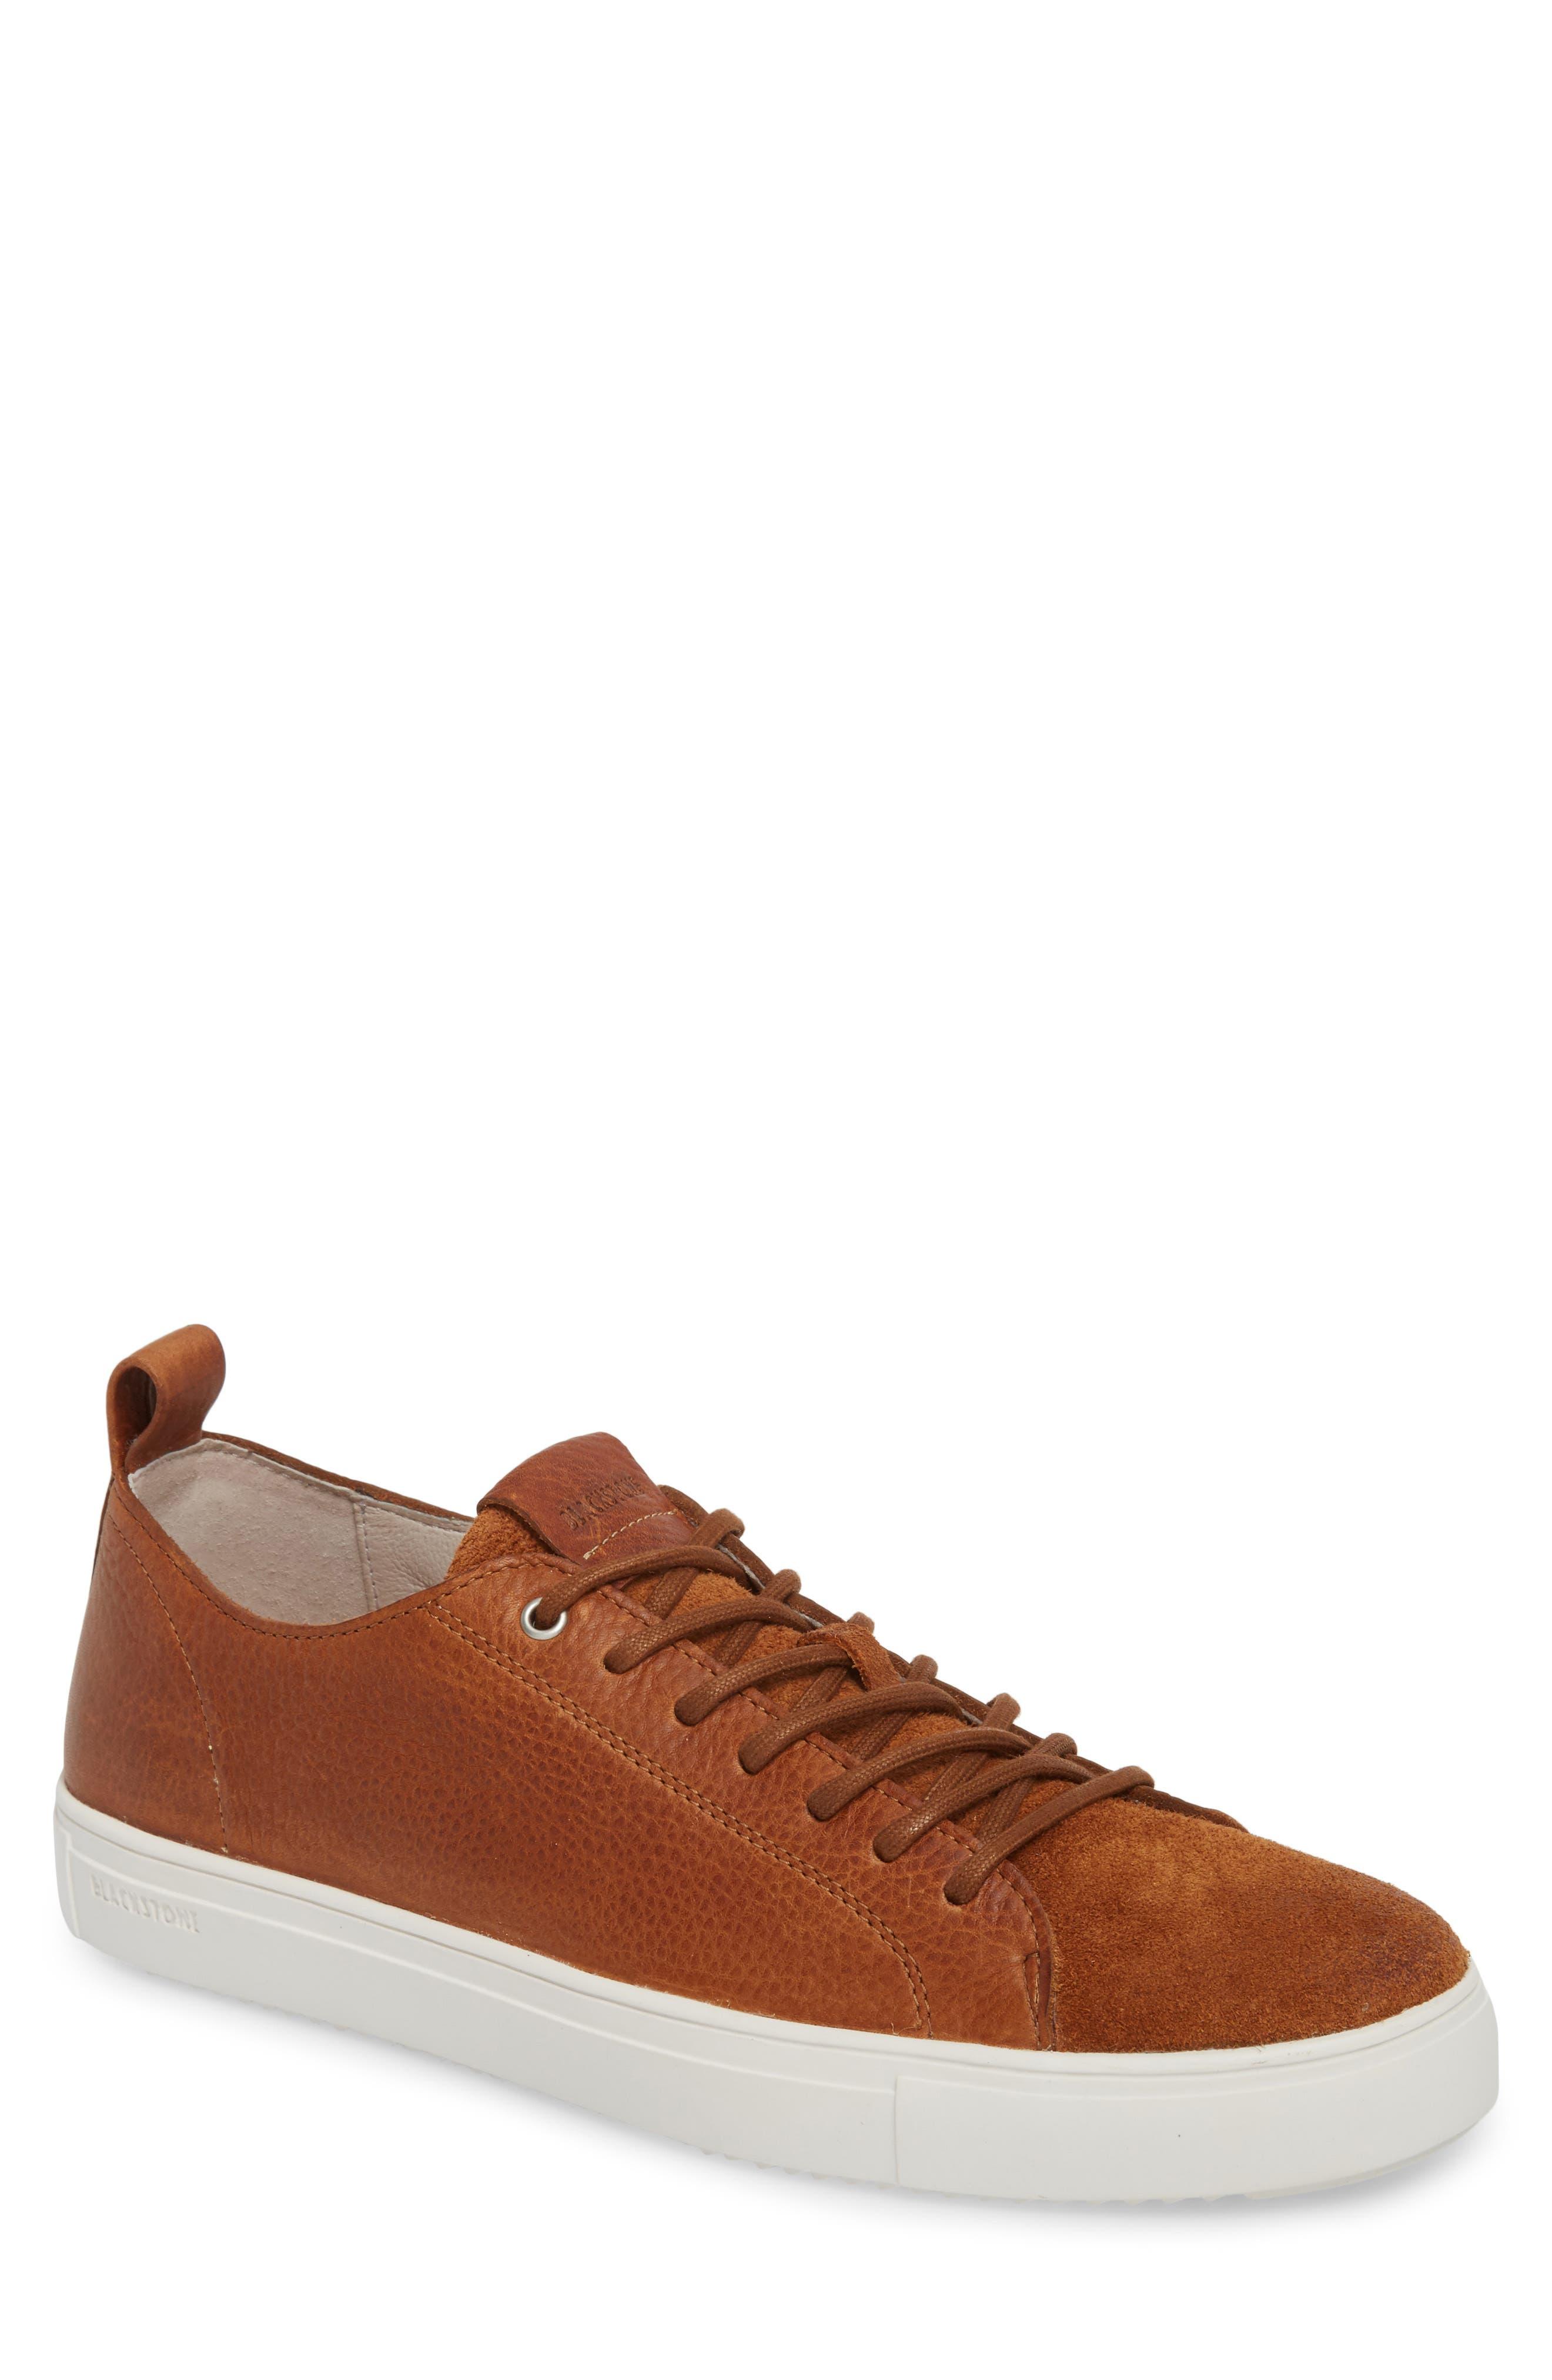 Alternate Image 1 Selected - Blackstone PM46 Low Top Sneaker (Men)